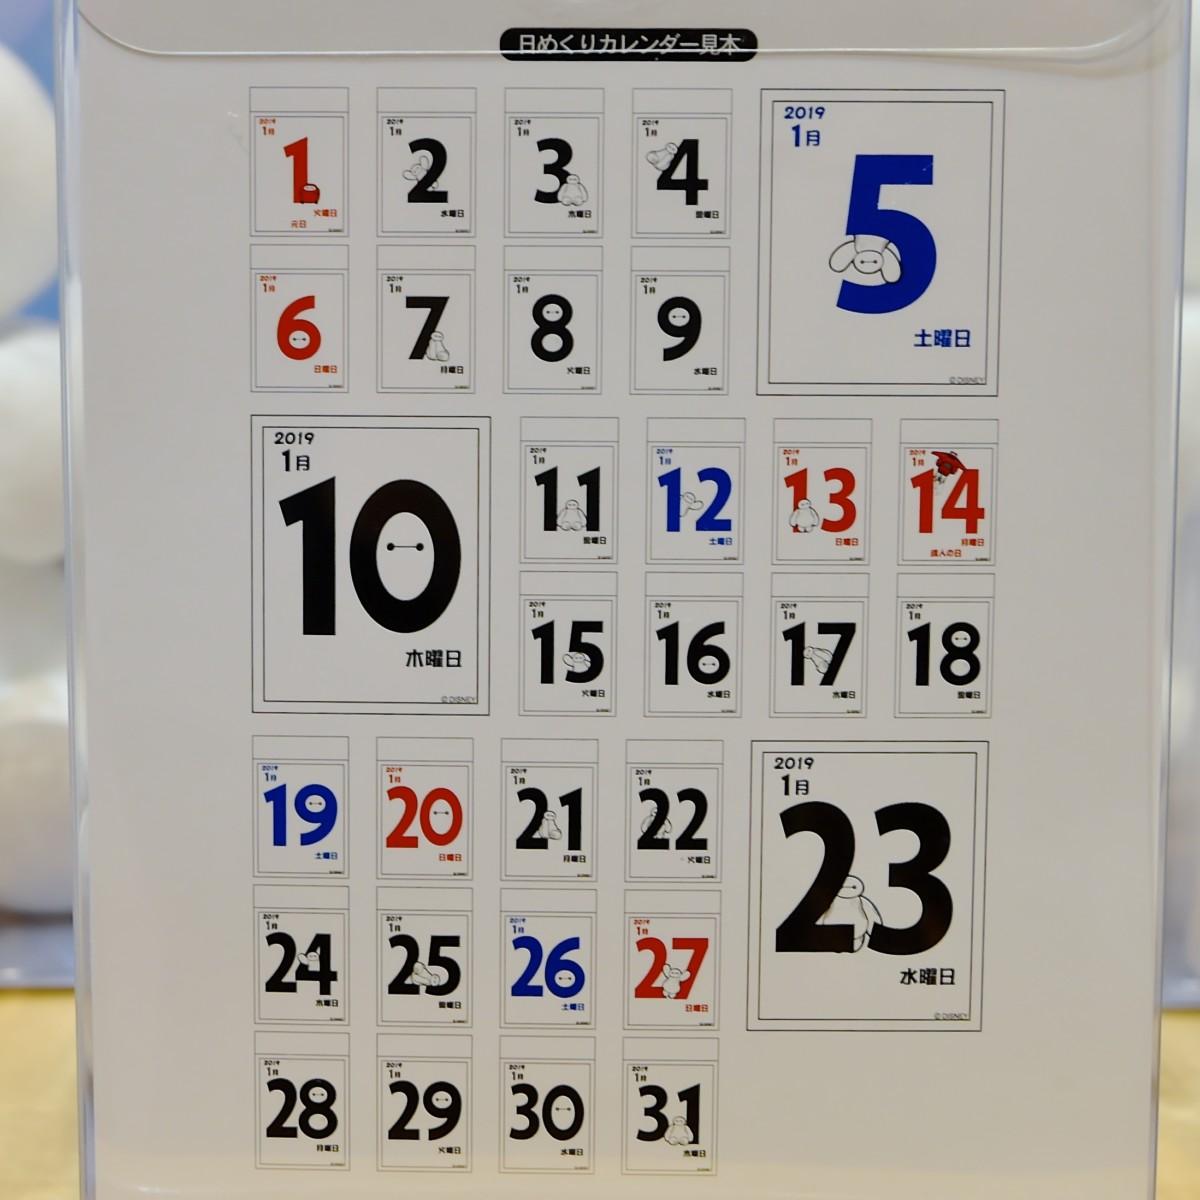 東京ディズニーランド『ベイマックス』日めくりカレンダー サンプル